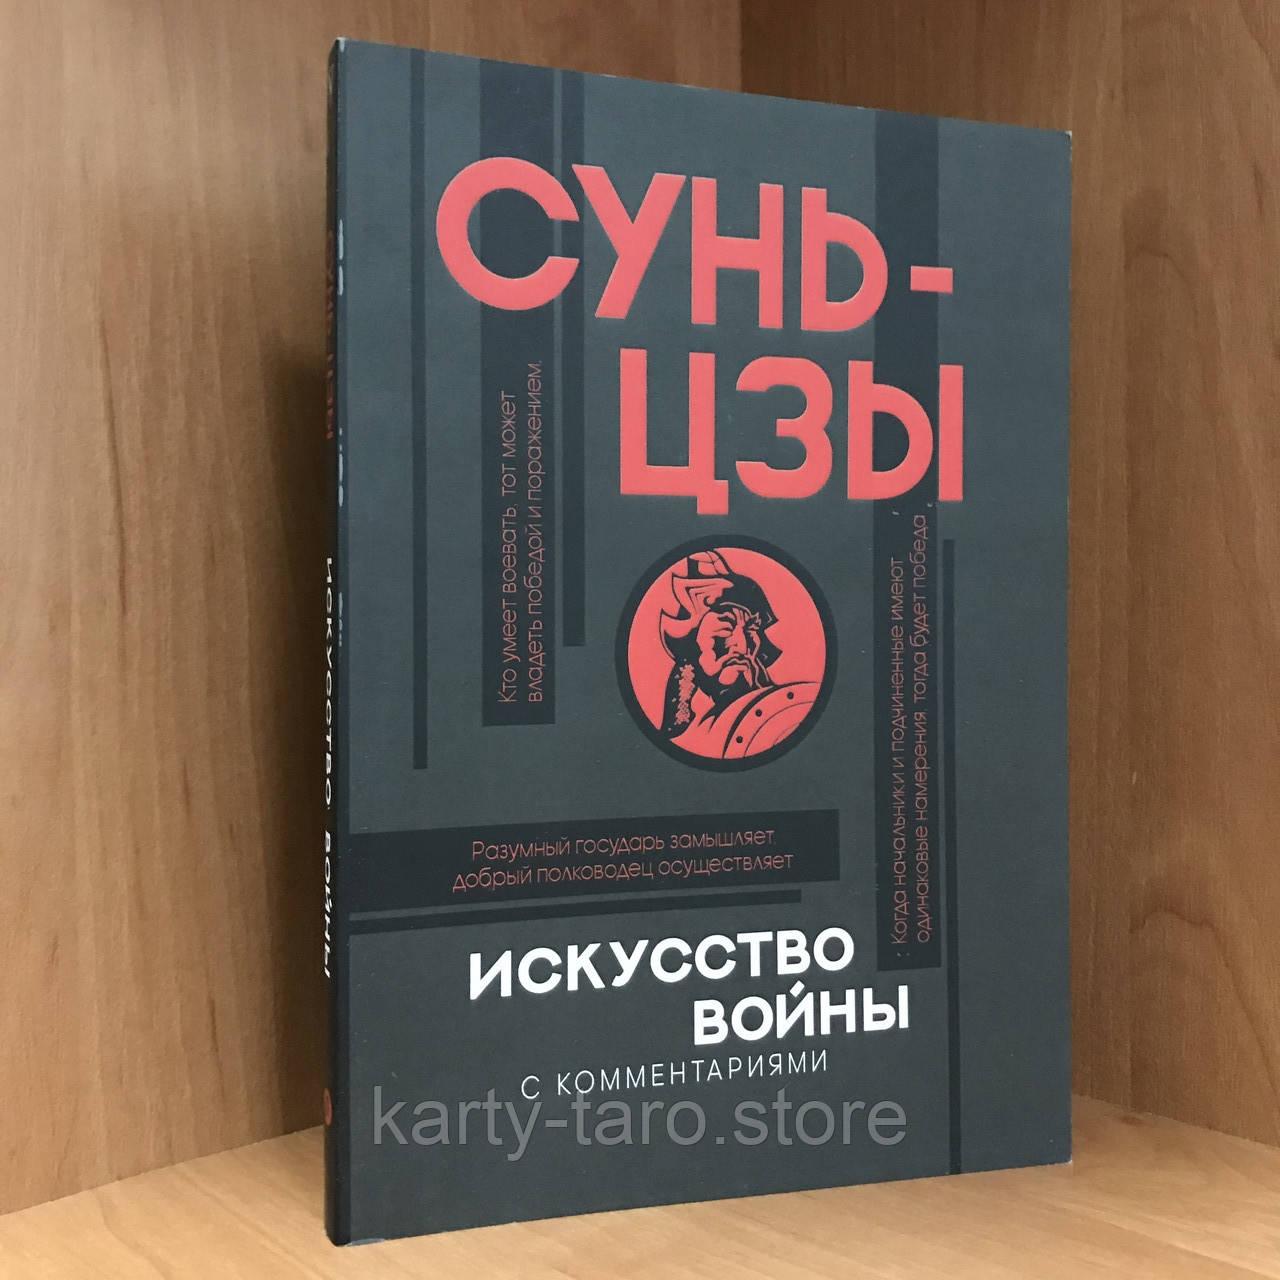 Книга Мистецтво війни З коментарями АСТ - Сунь-Цзи